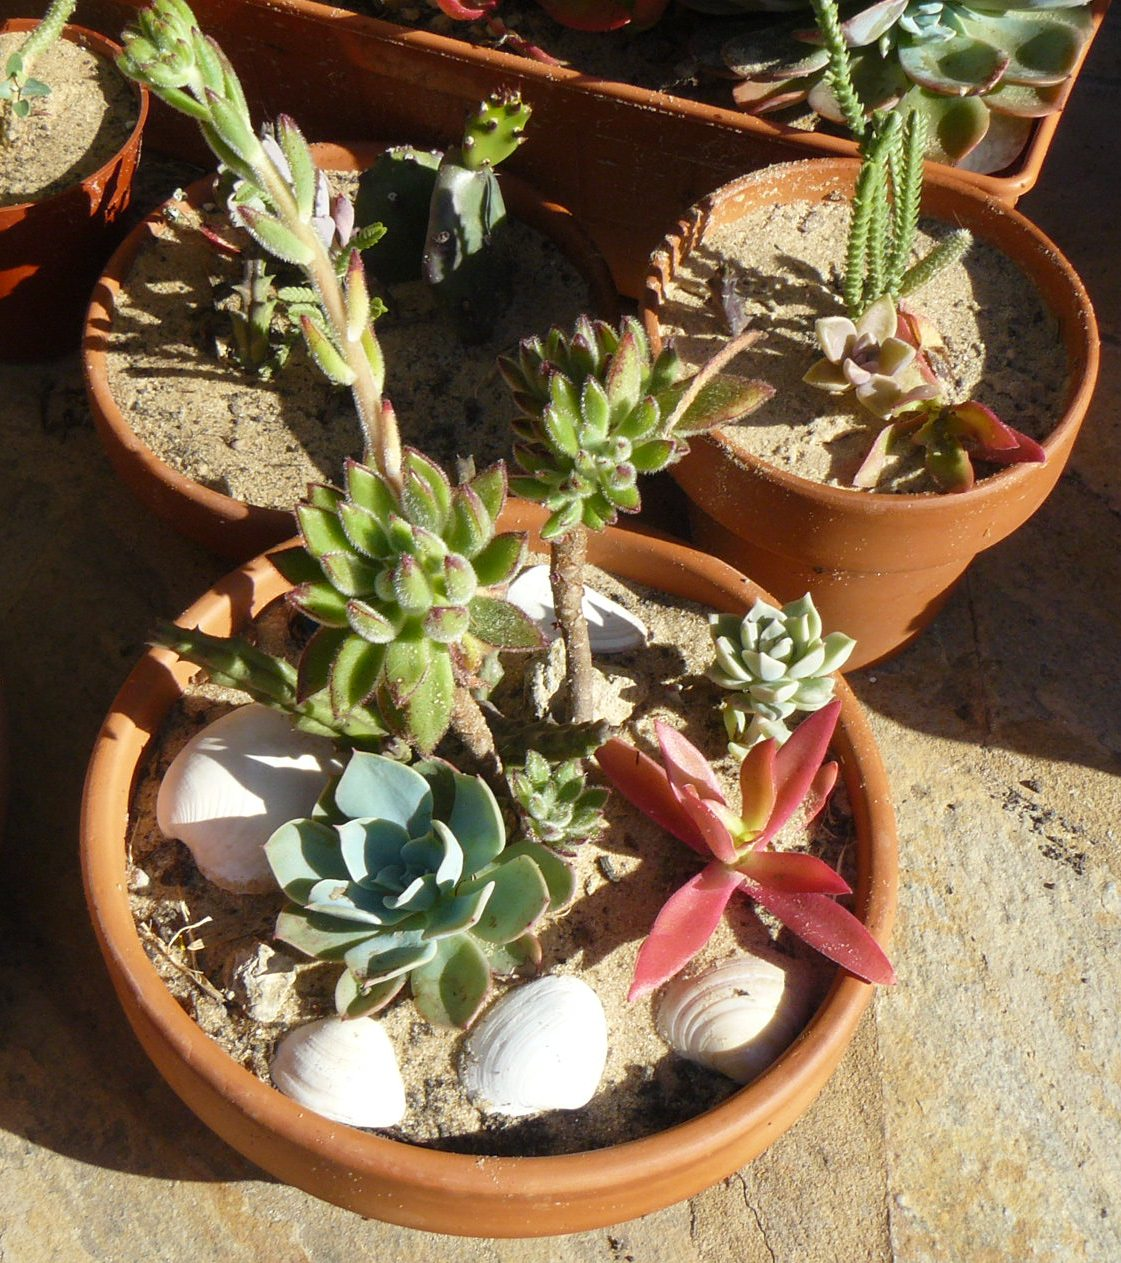 Jardines de cactus y suculentas octubre 2011 - Jardines de cactus y suculentas ...